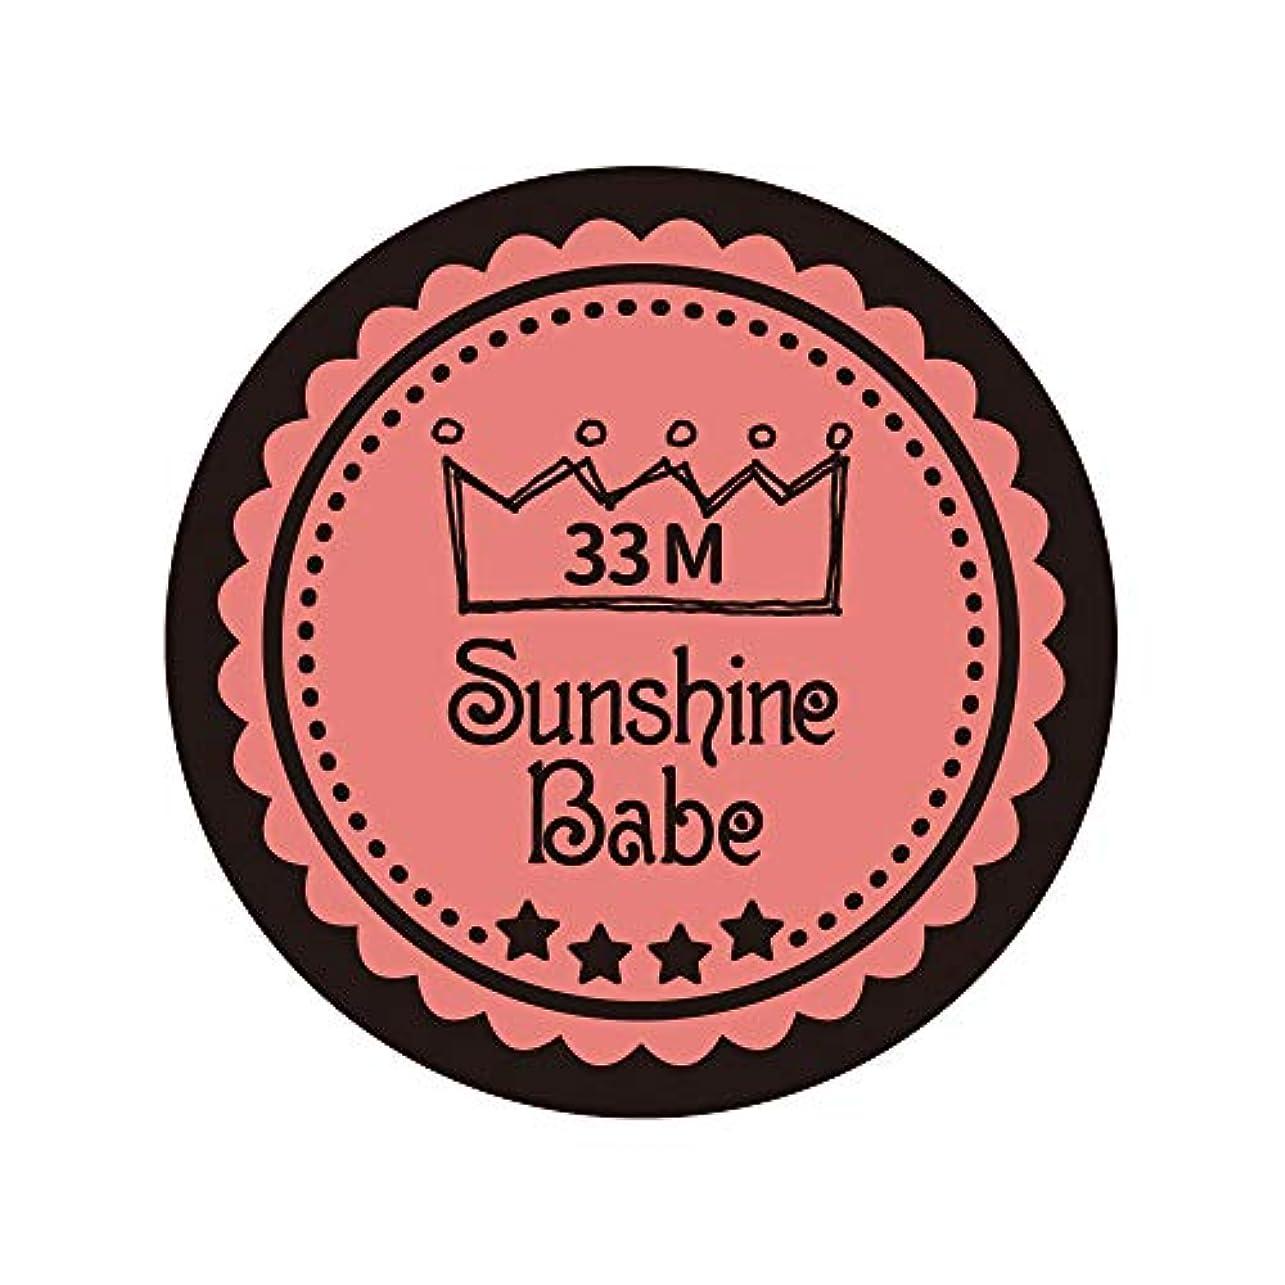 不道徳ボイラージャンピングジャックSunshine Babe カラージェル 33M ベイクドコーラルピンク 2.7g UV/LED対応